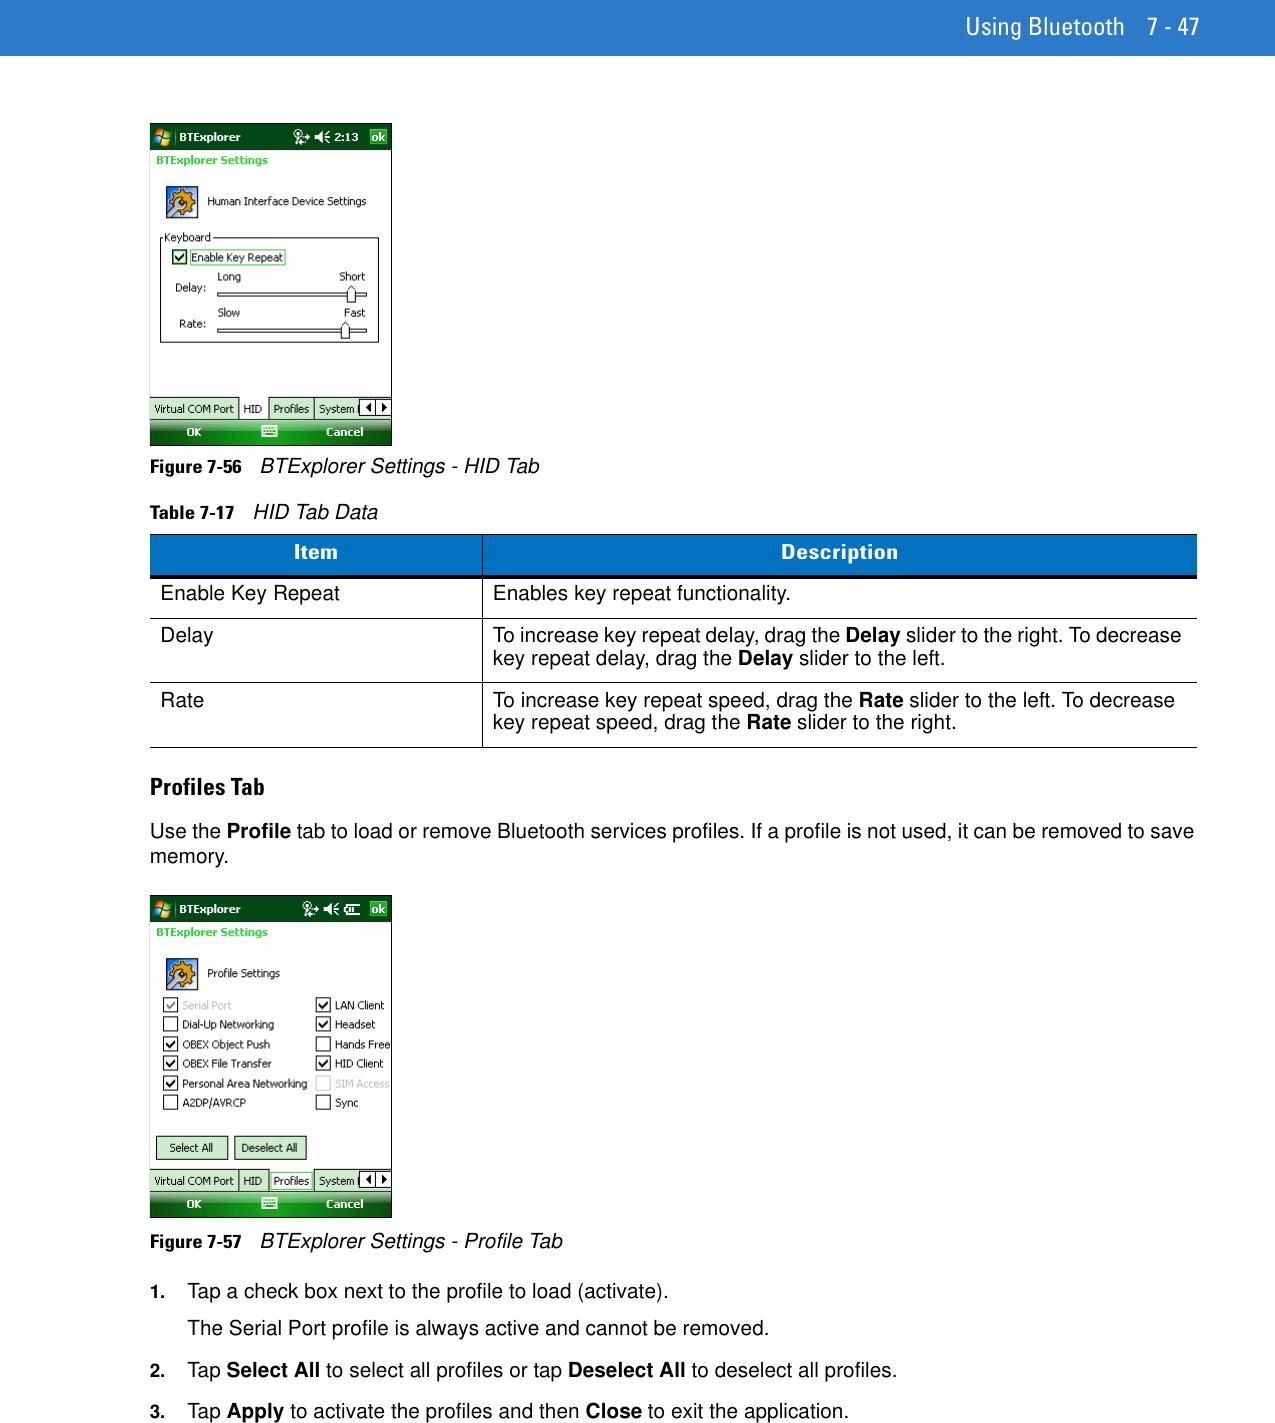 MC9500 K Mobile Computer User Guide (P/N 72E 118501 01 Rev  A